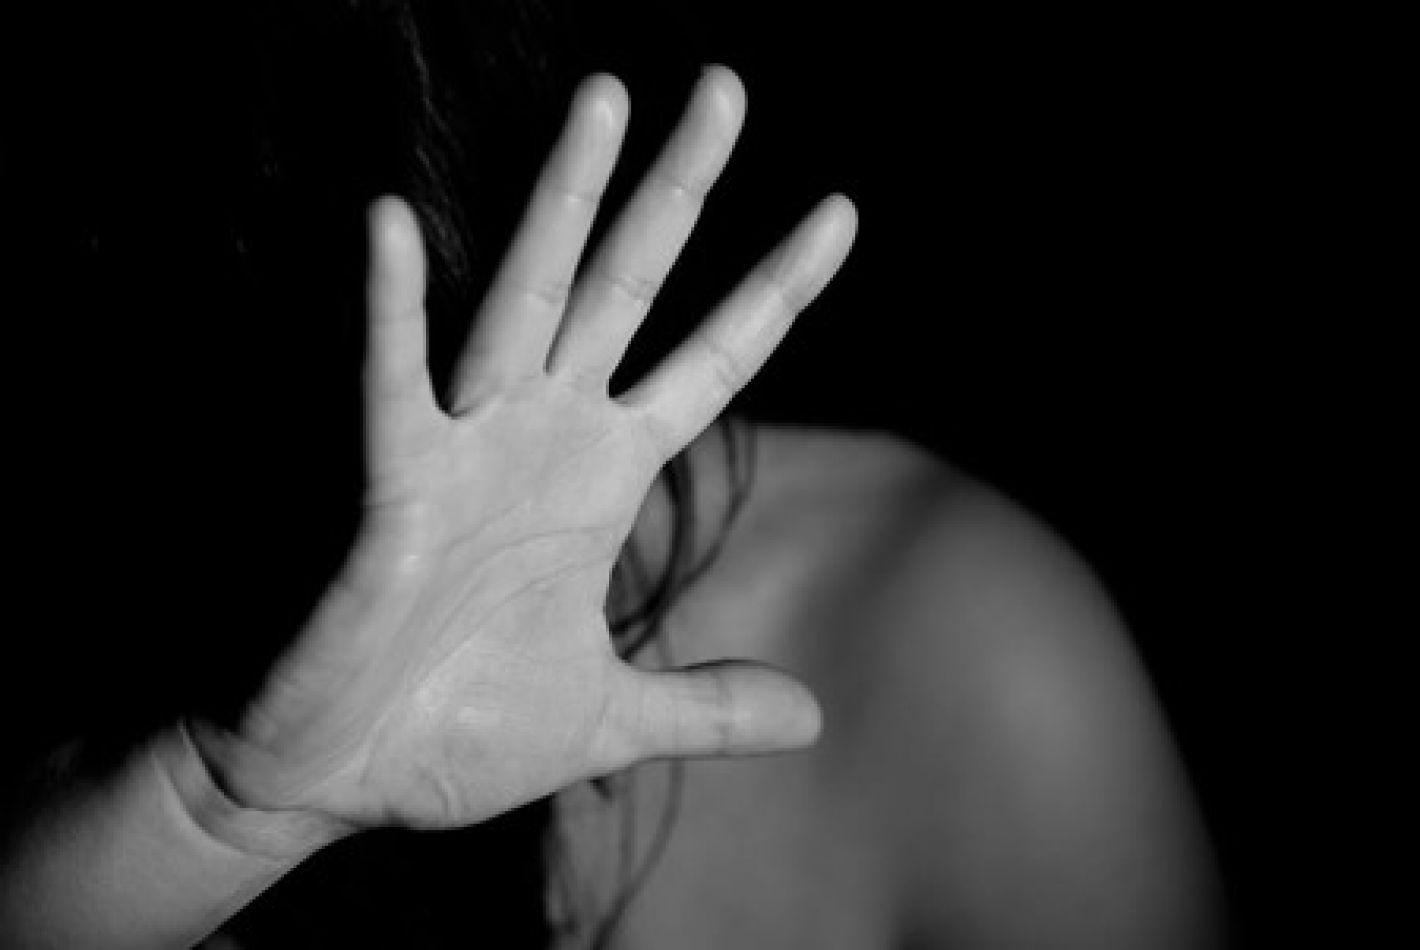 Detenido por golpear y herir a su pareja embarazada